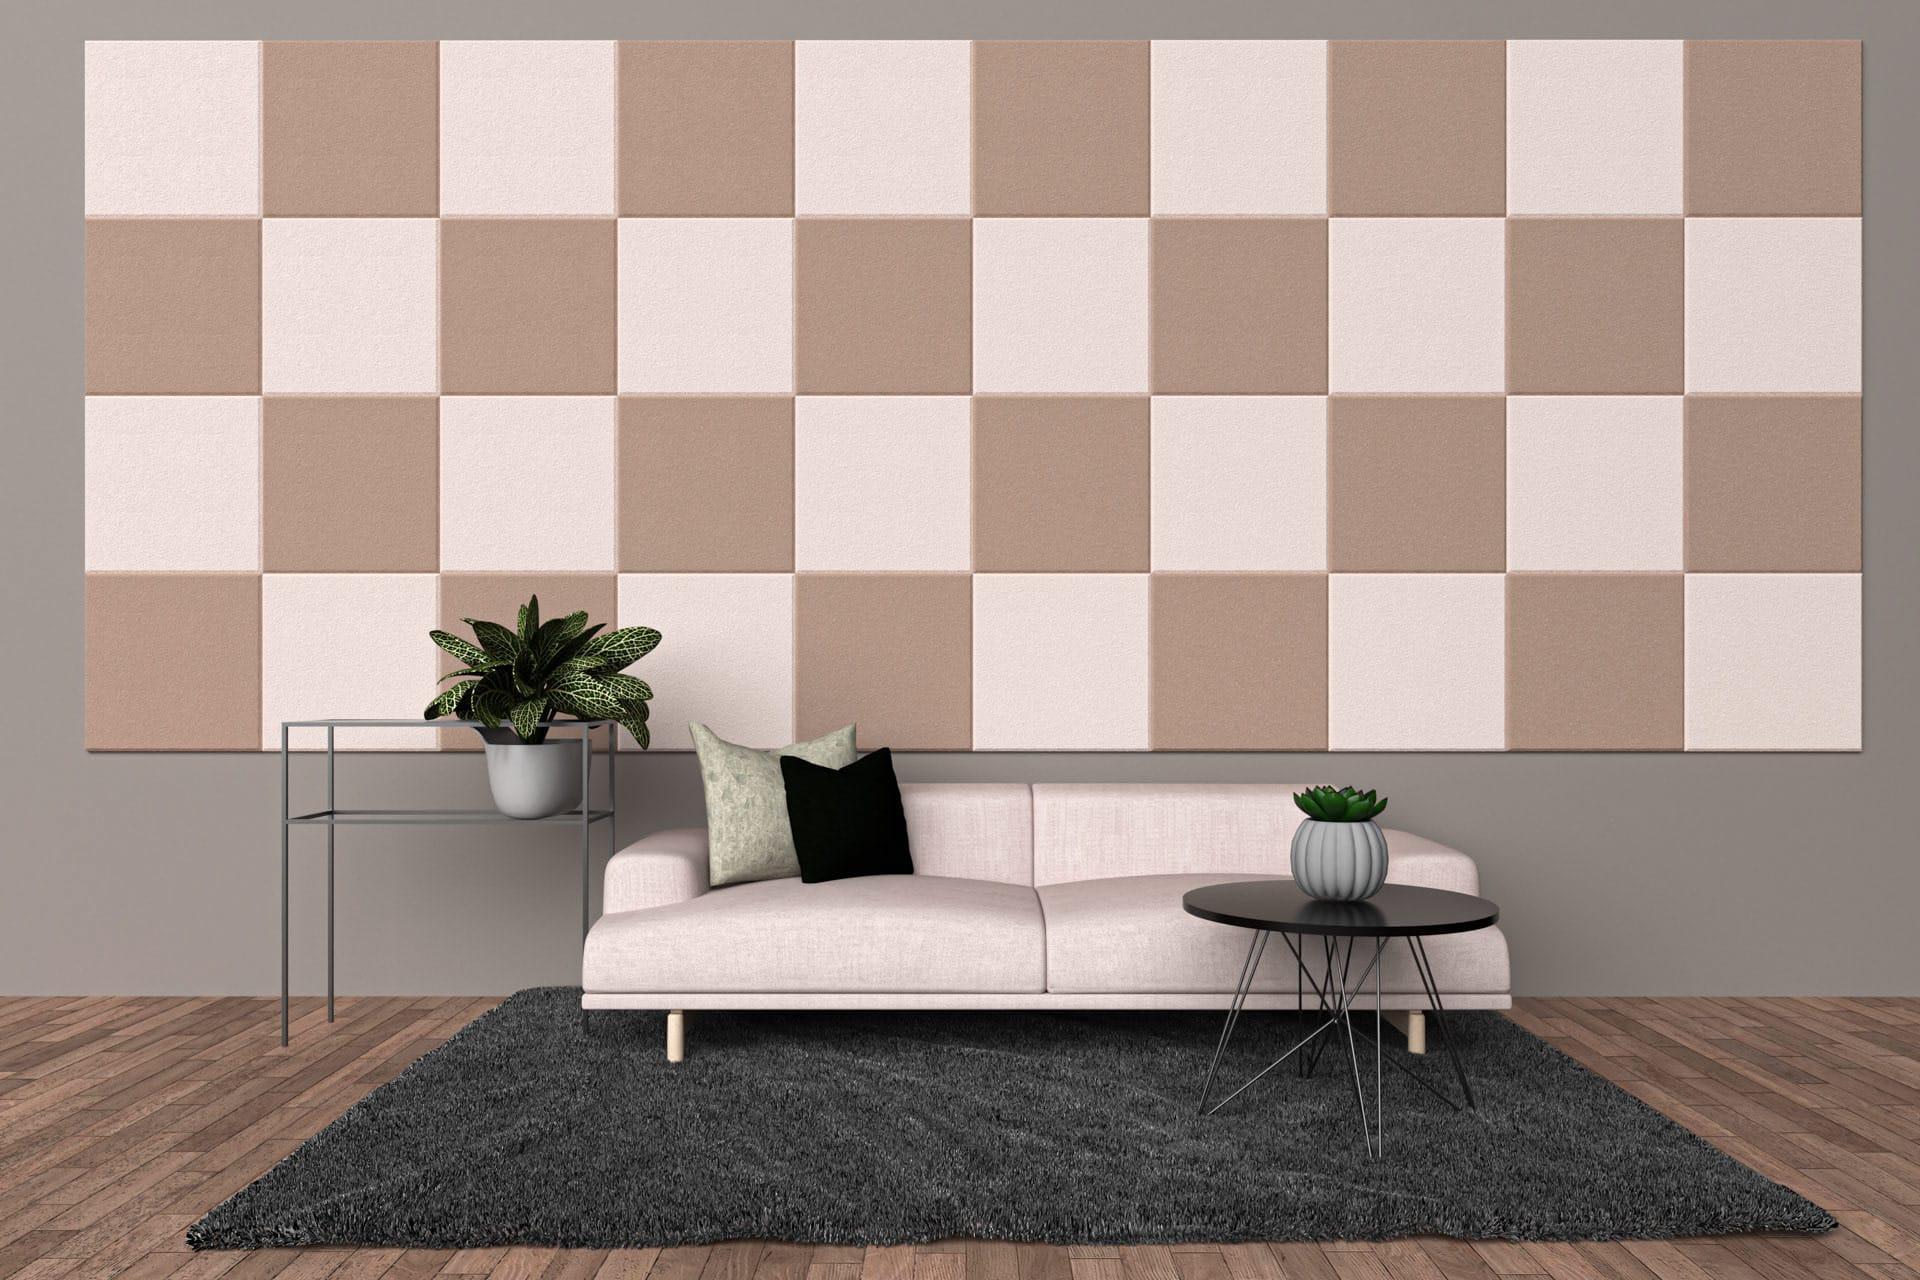 Panele dekoracyjne dźwiękochłonne w kształcie kwadratów na ścianie w salonie